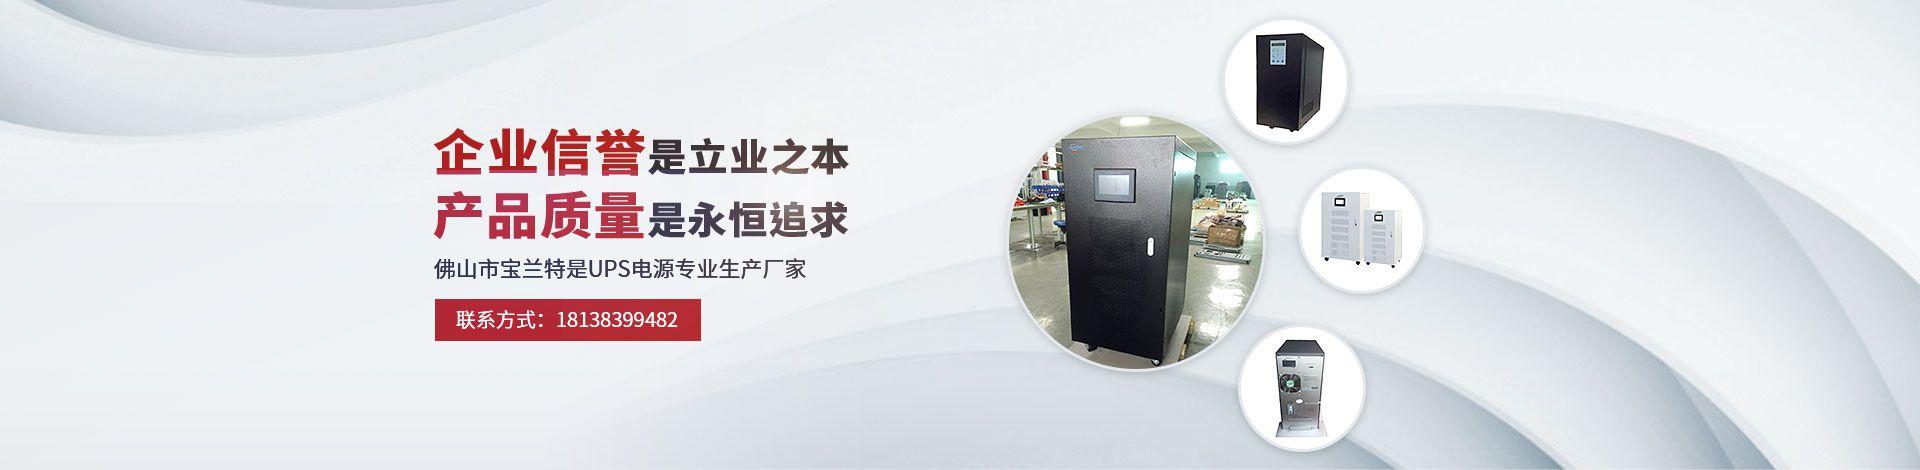 佛山市宝兰特科技有限公司